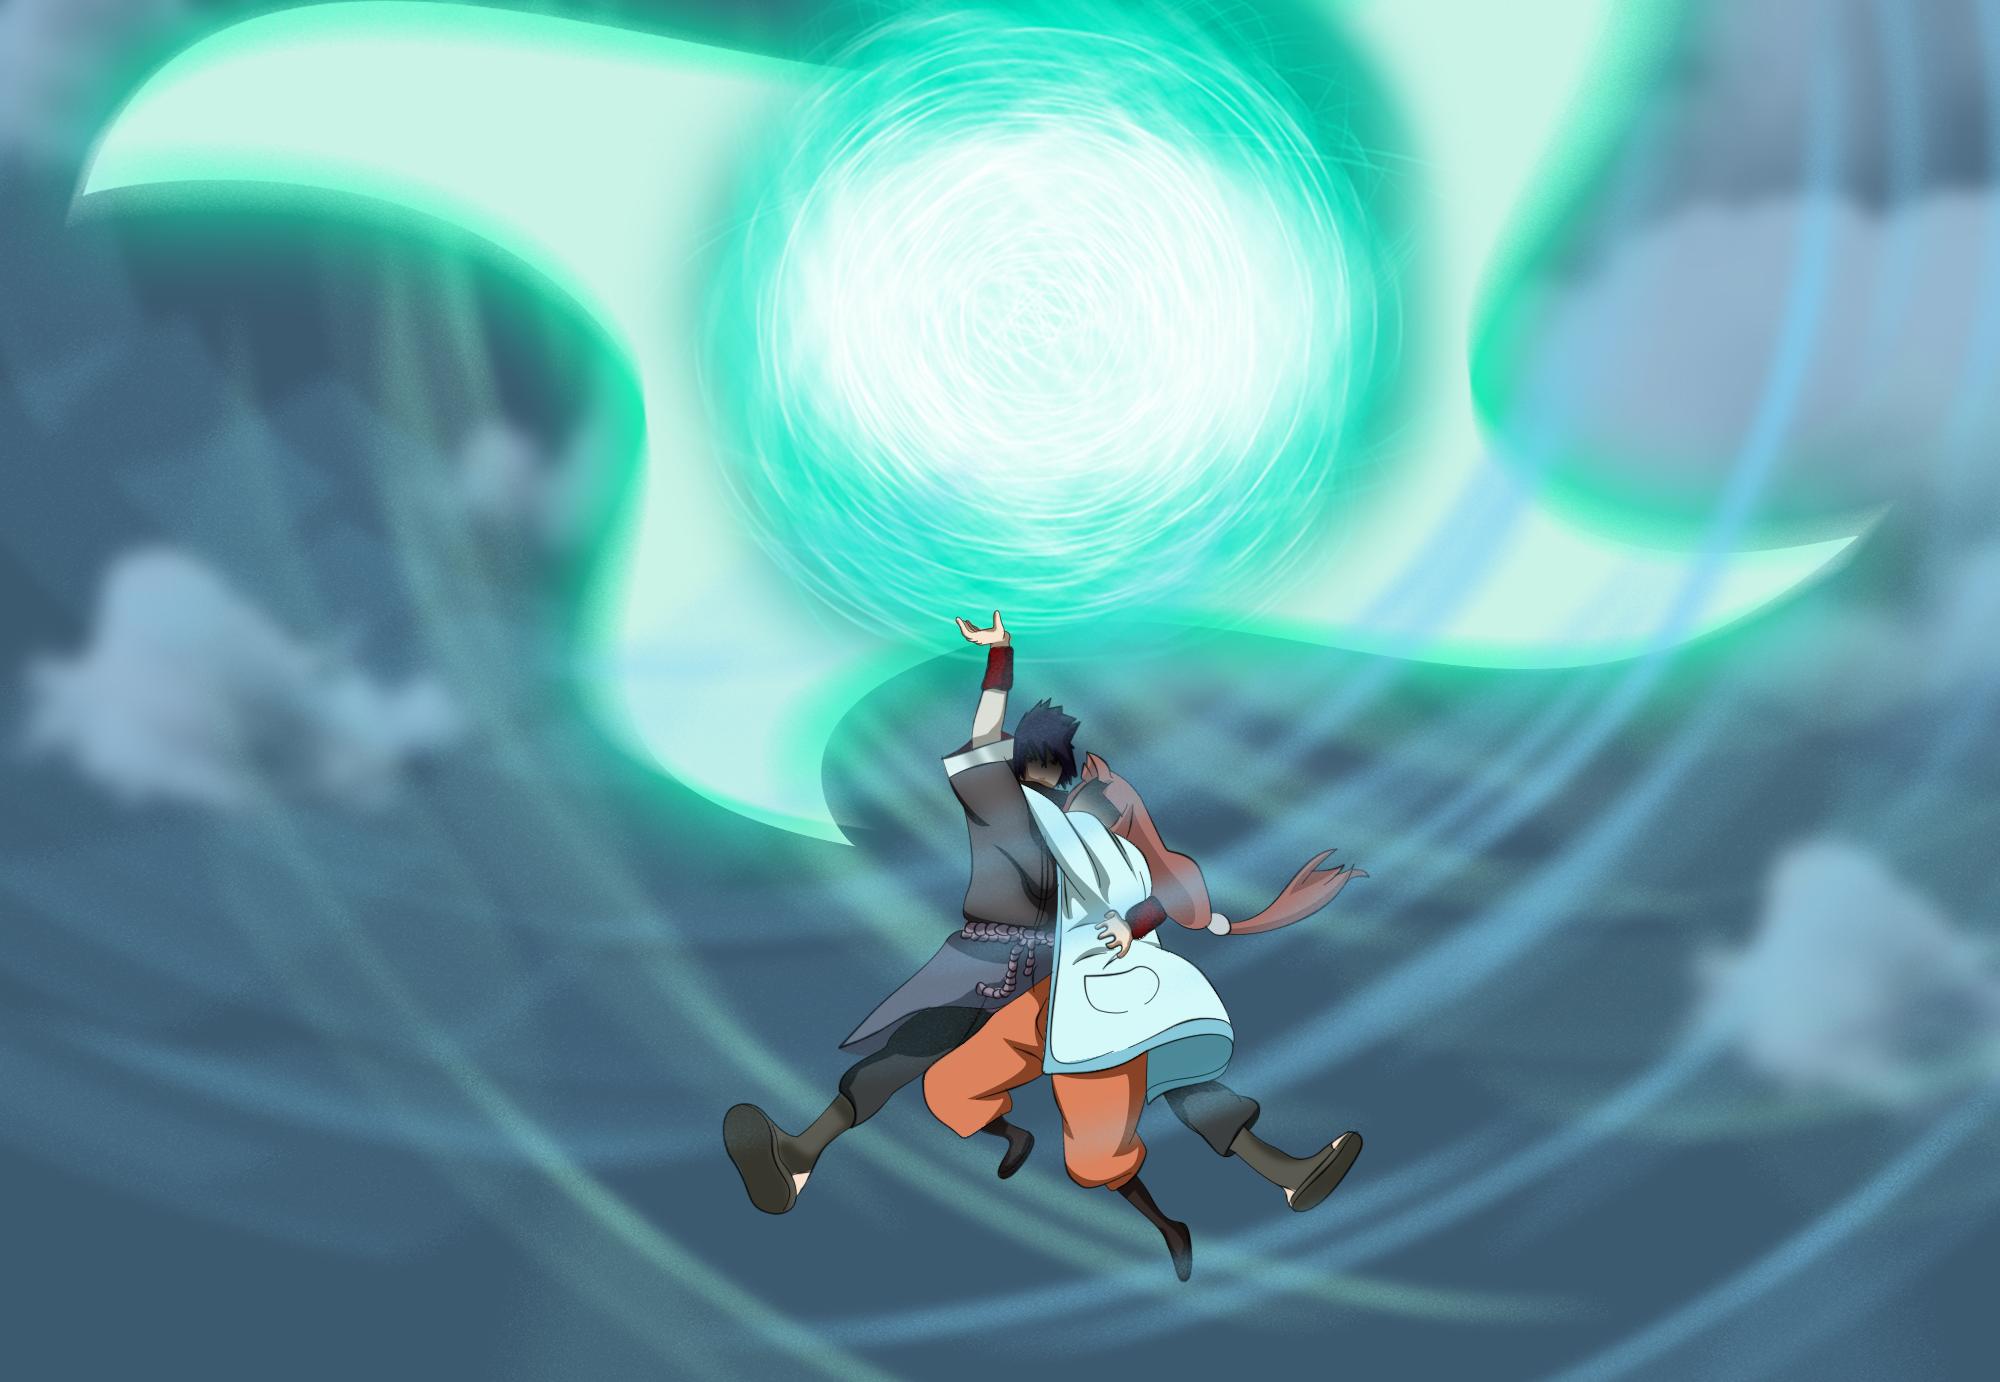 image shar usa el rasen shuriken gigante png lv naruto wikia